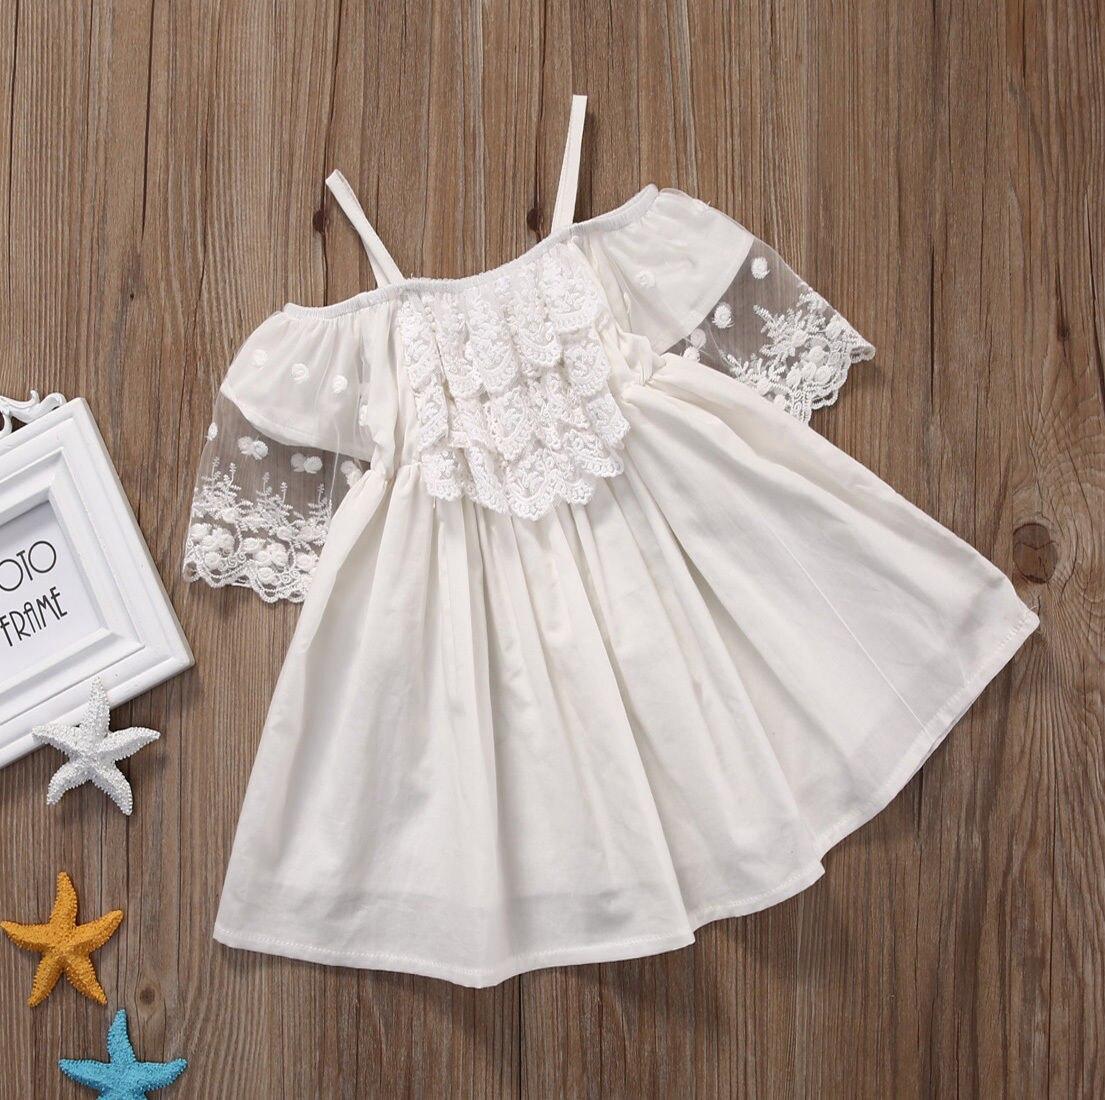 Spitze Mädchen Kleidung Prinzessin Kleid Kind Baby Party Hochzeit ...